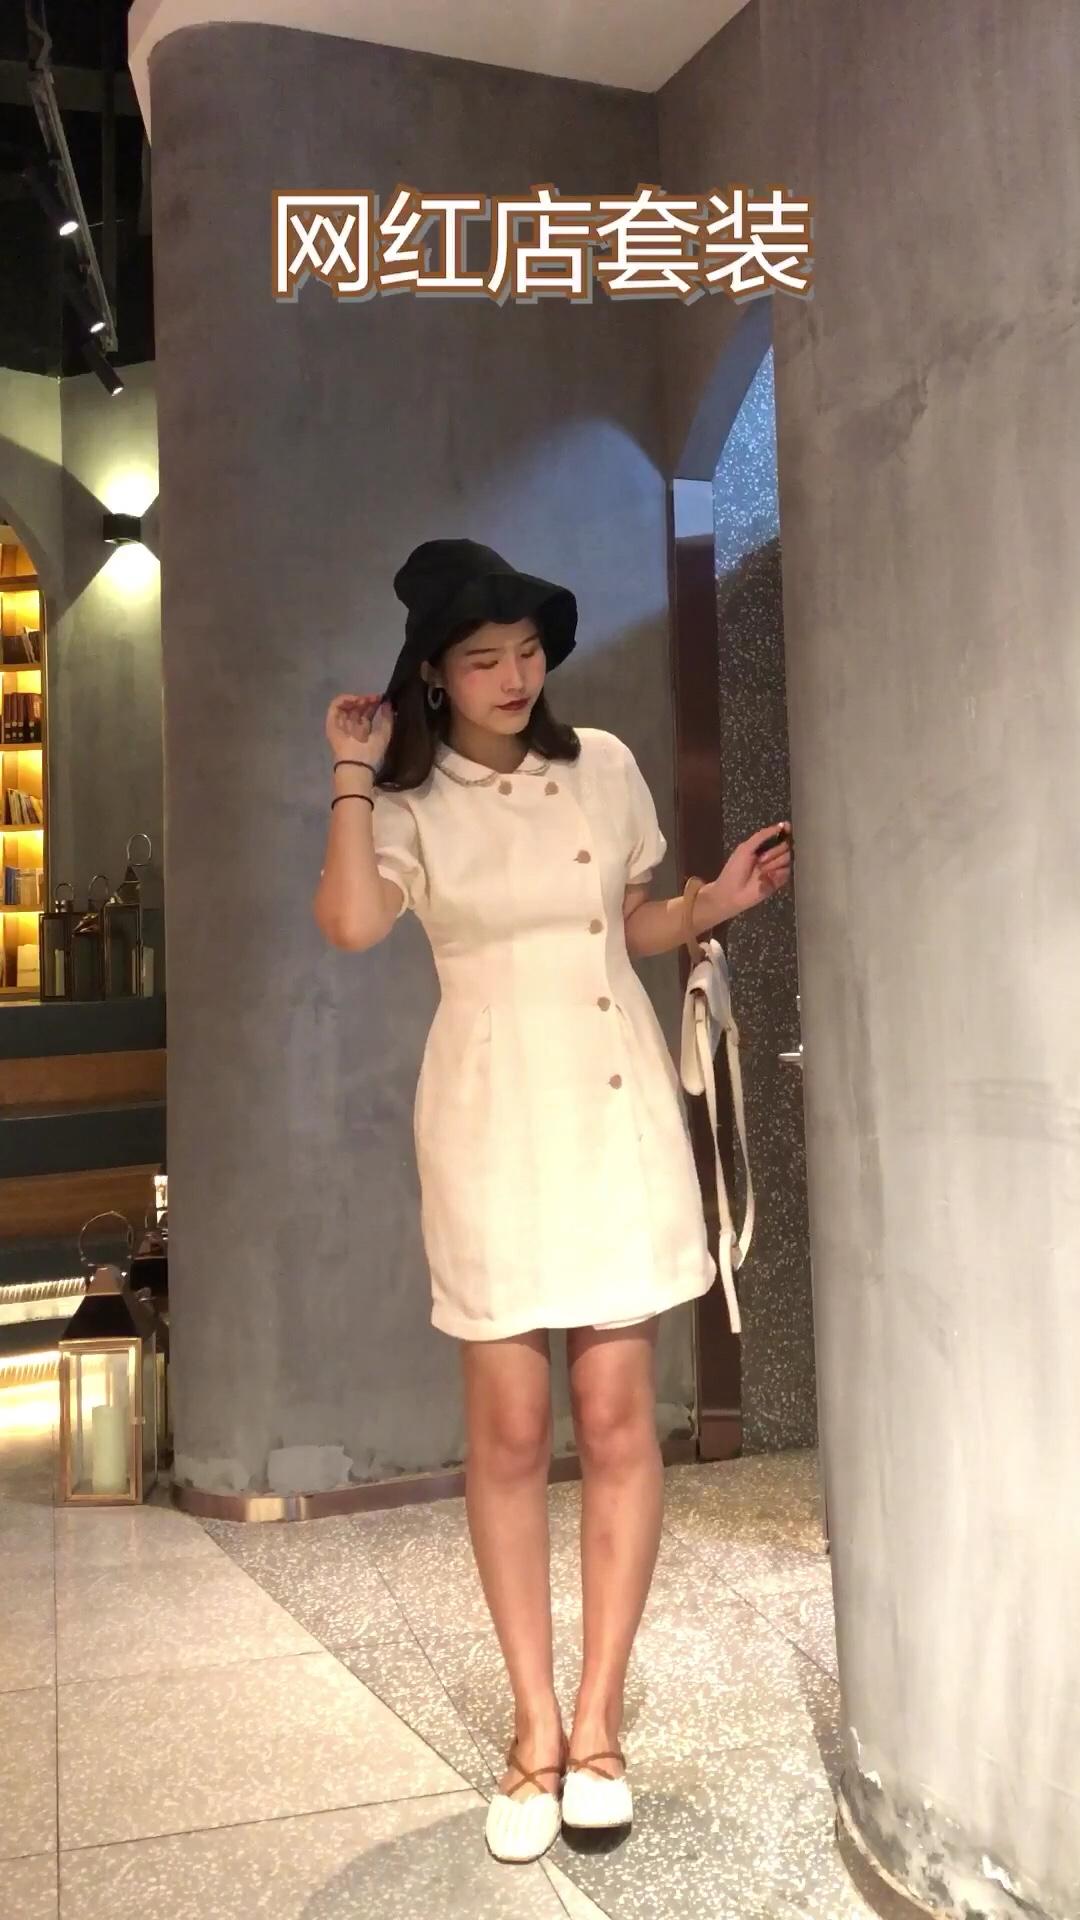 #网红款懒人套装,疯狂种草!#  民国旗袍的设计款连衣裙炒鸡温柔了 这款安娜家的新款连衣裙 是最近的最爱啦 很温柔很好看哦~ 搭配宽檐的渔夫帽和米色的包包 很衬托气质的款式啦~